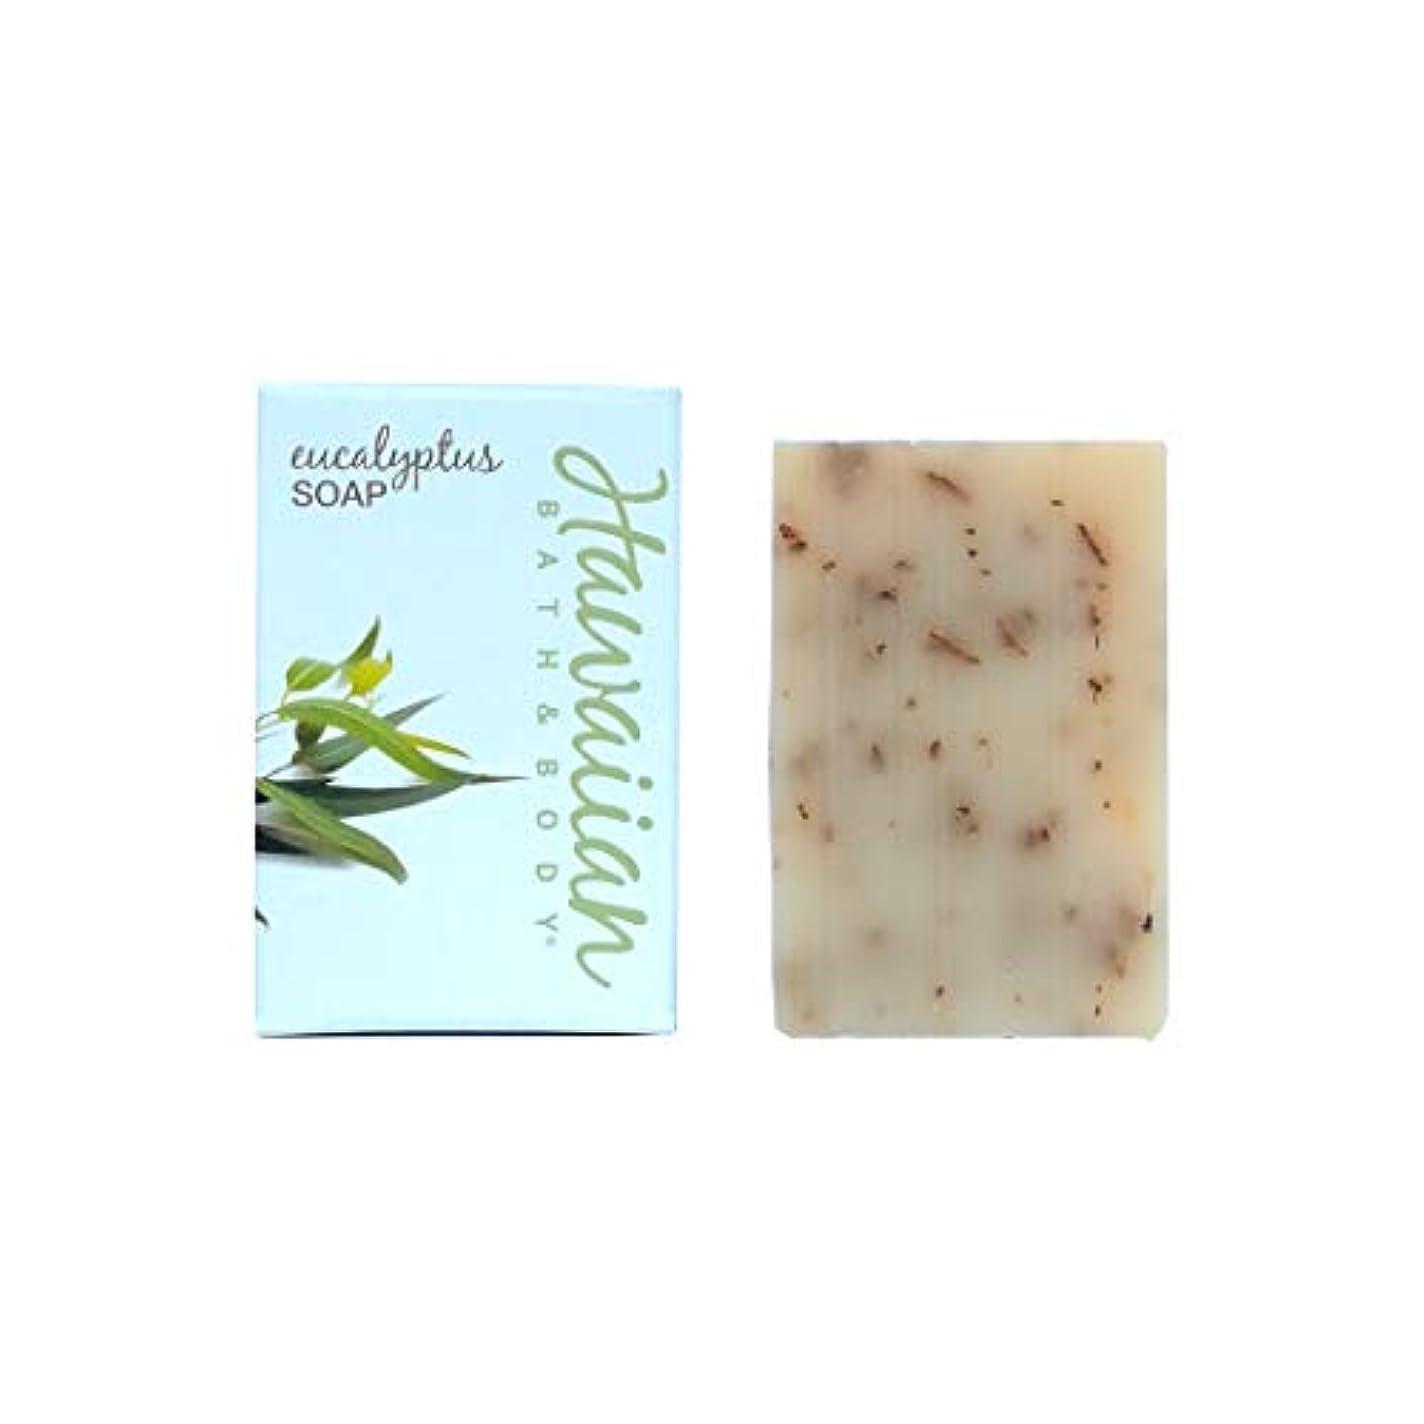 ブレークにぎやか無限大ハワイアンバス&ボディ ユーカリソープ (Eucalyptus Soap)